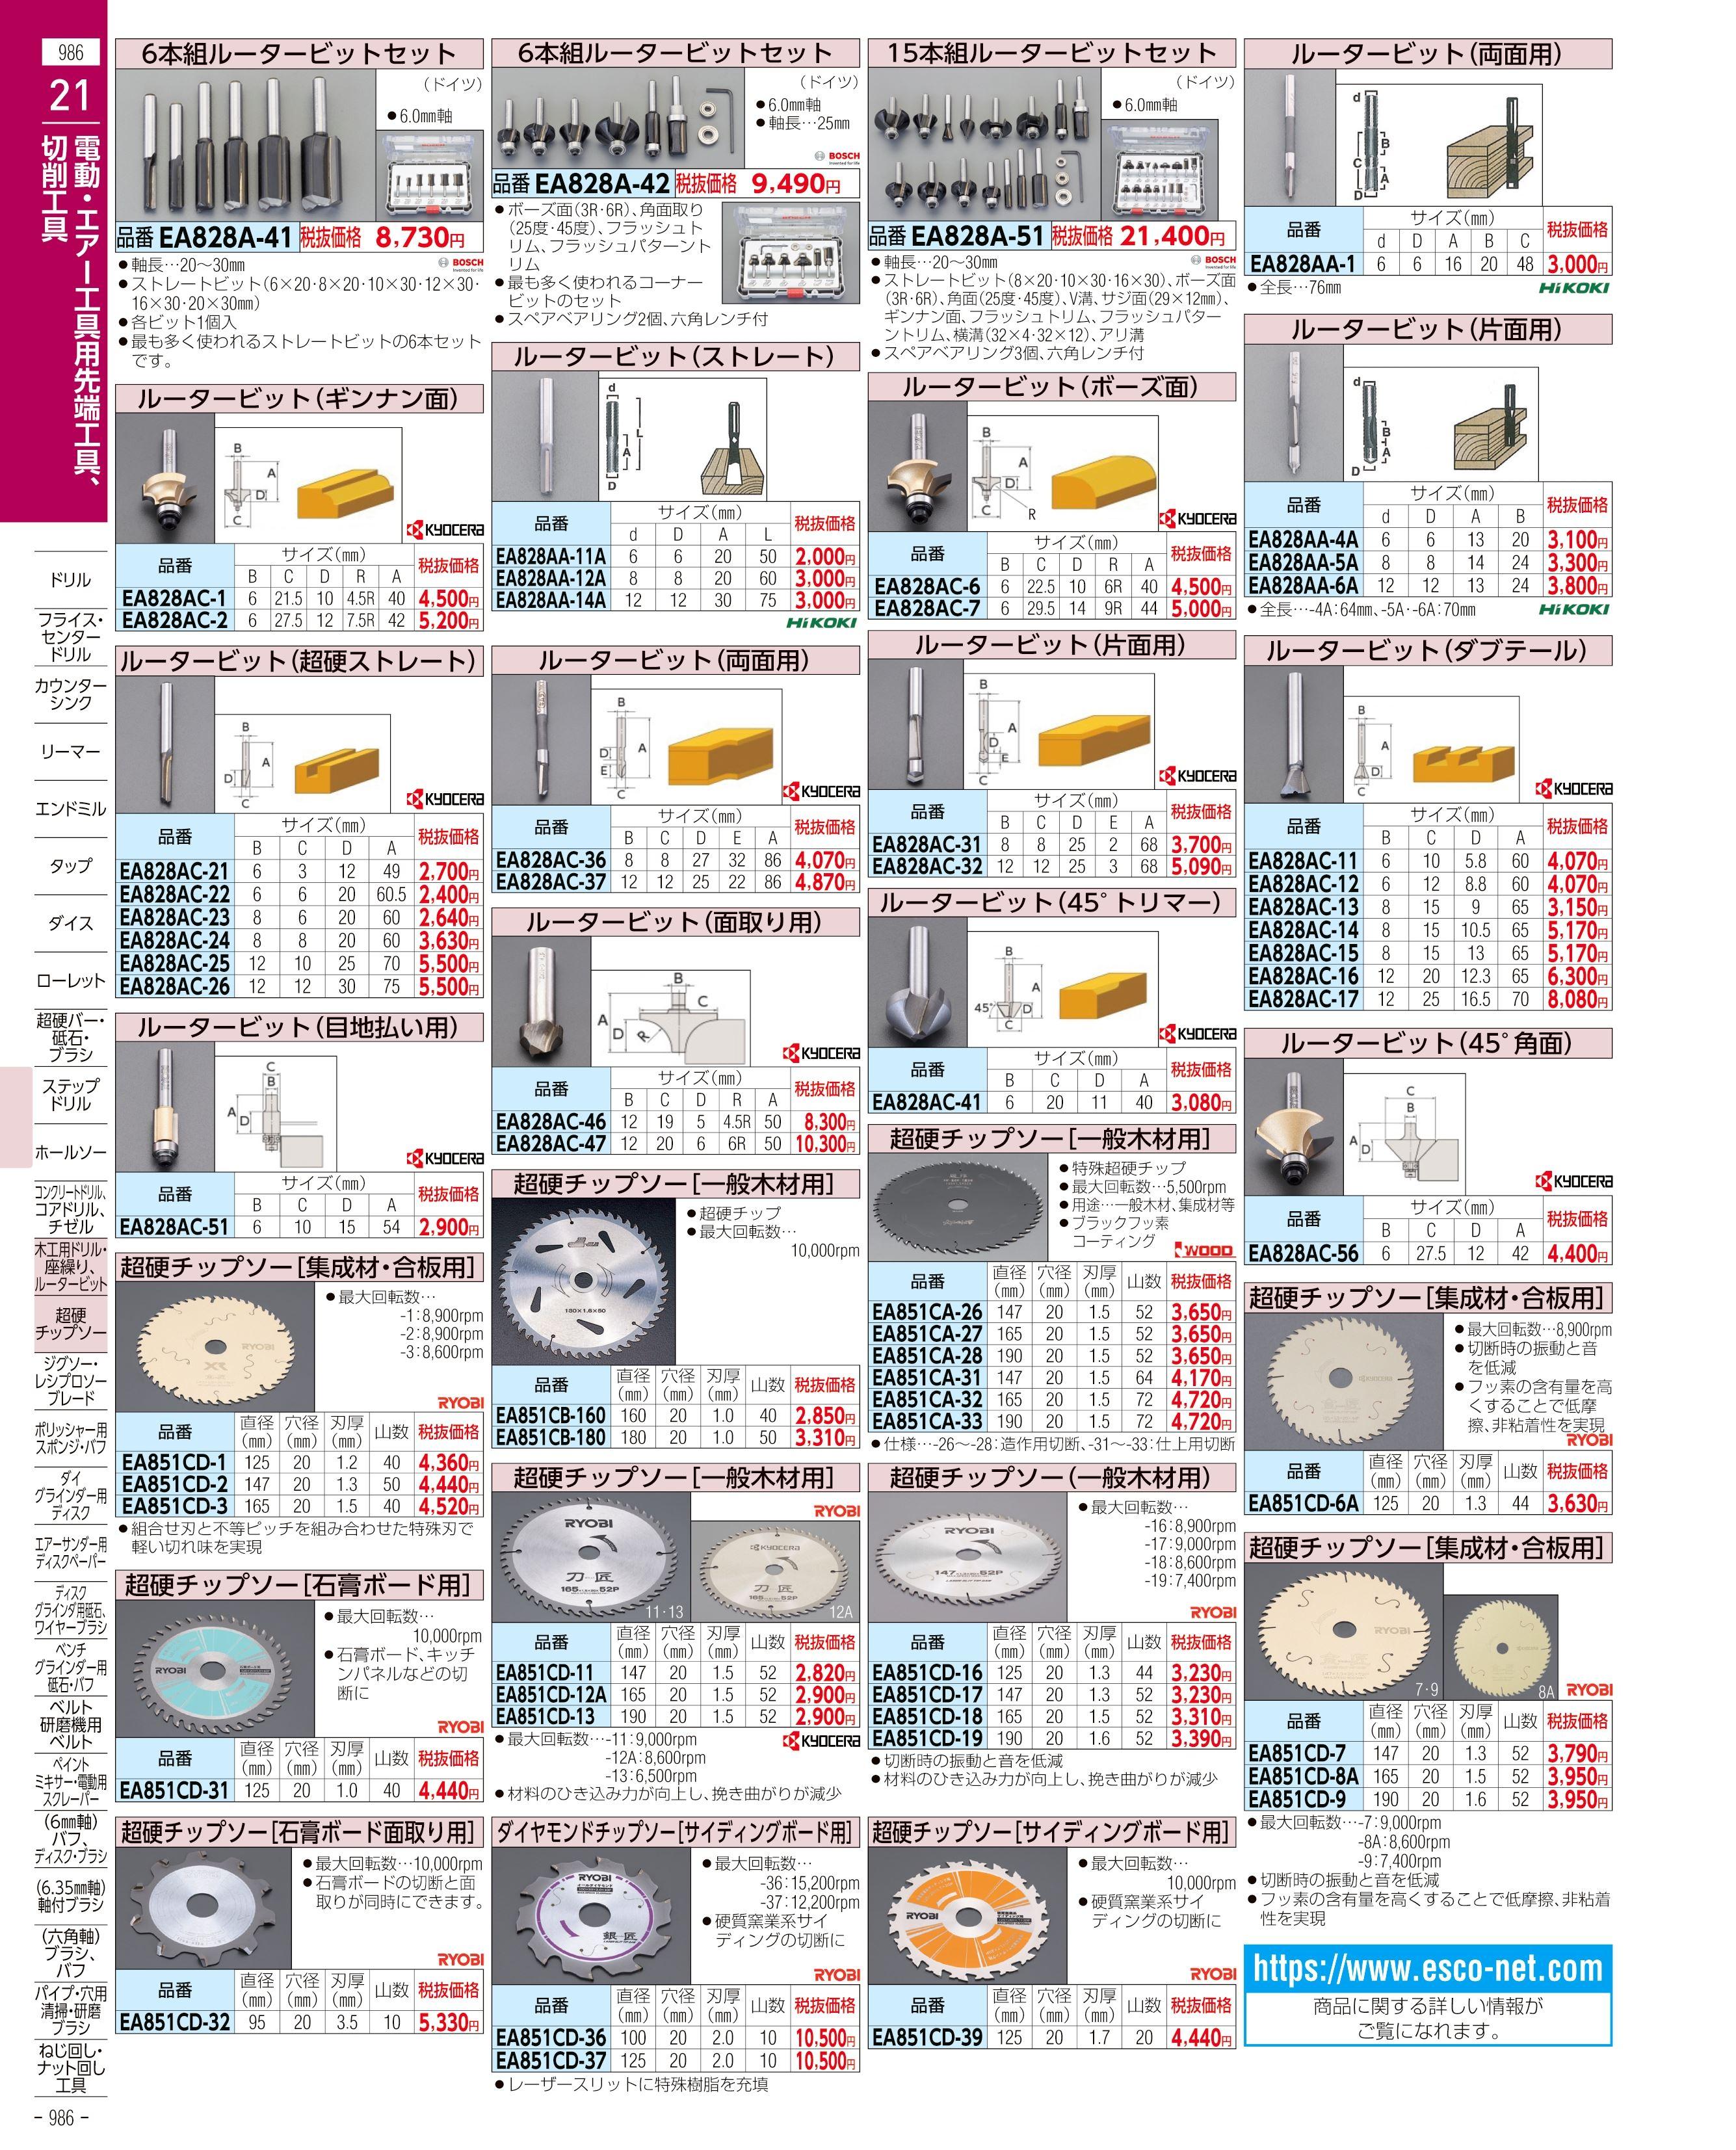 エスコ便利カタログ986ページ